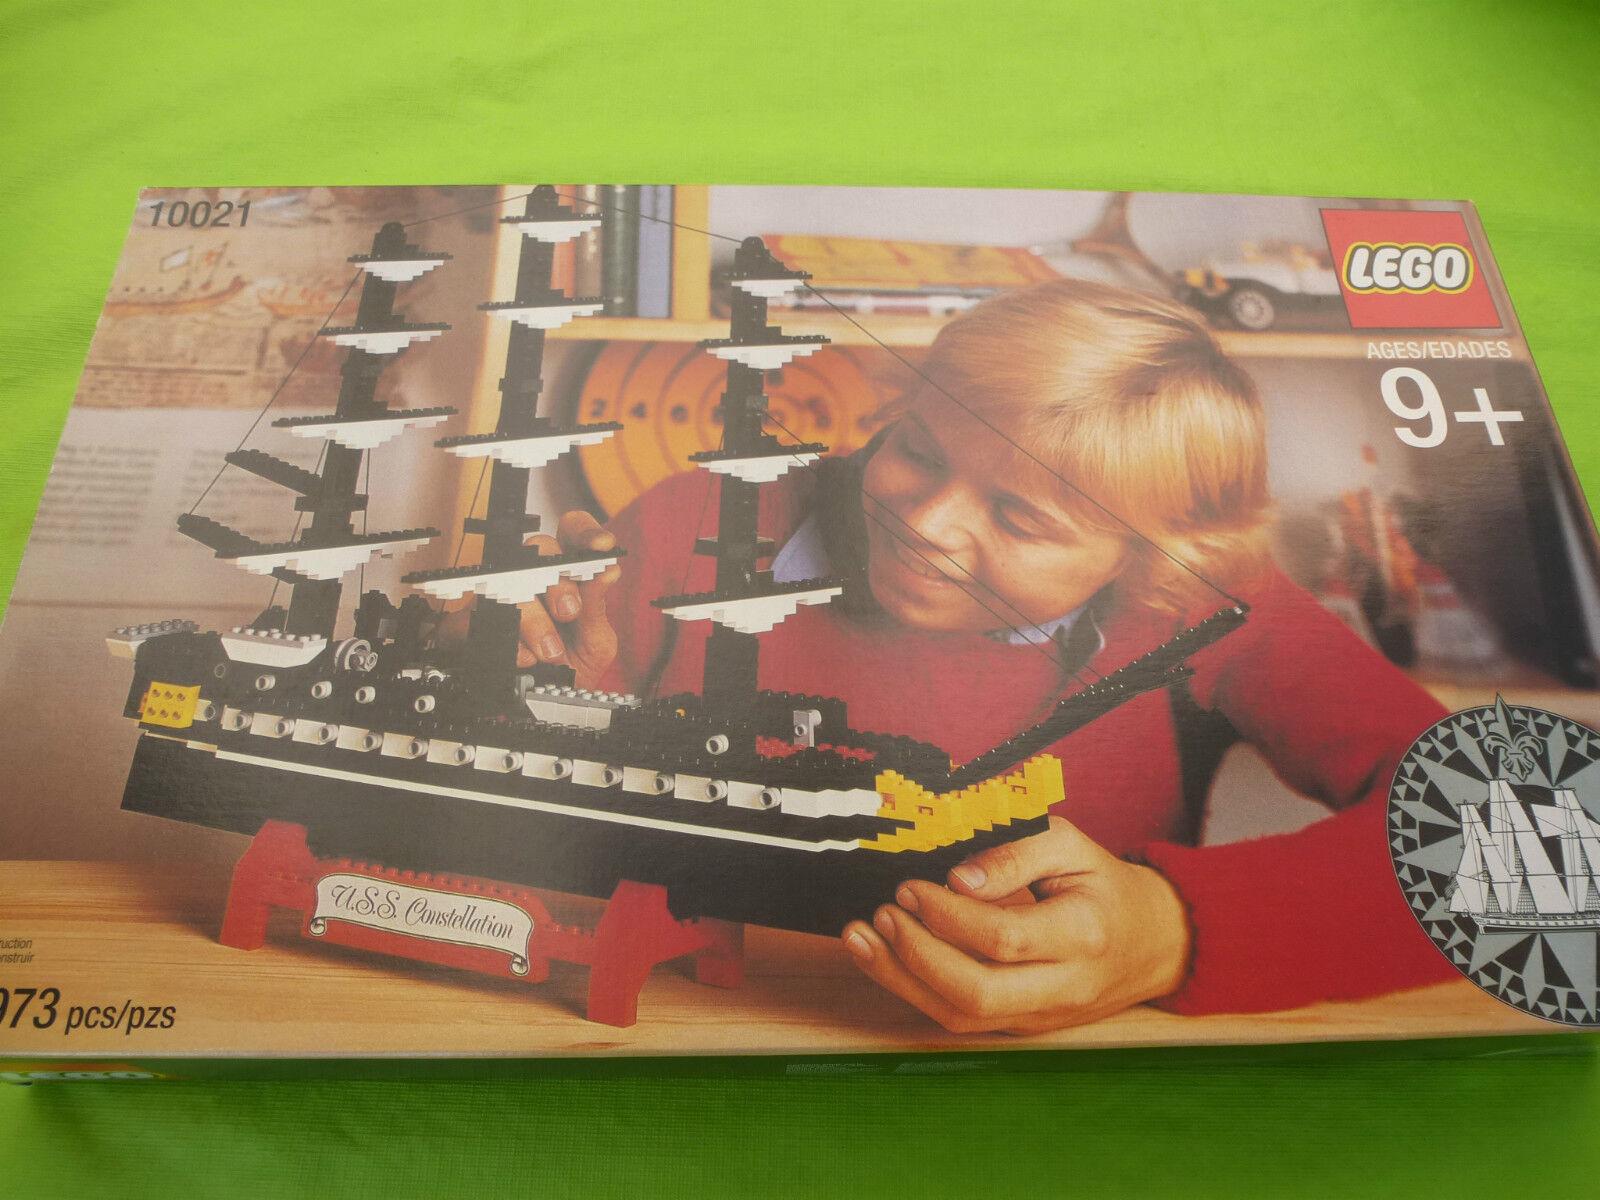 LEGO * NUOVO * 10021 USS Constellation 973 PEZZI 2003 vedi foto/descrizione